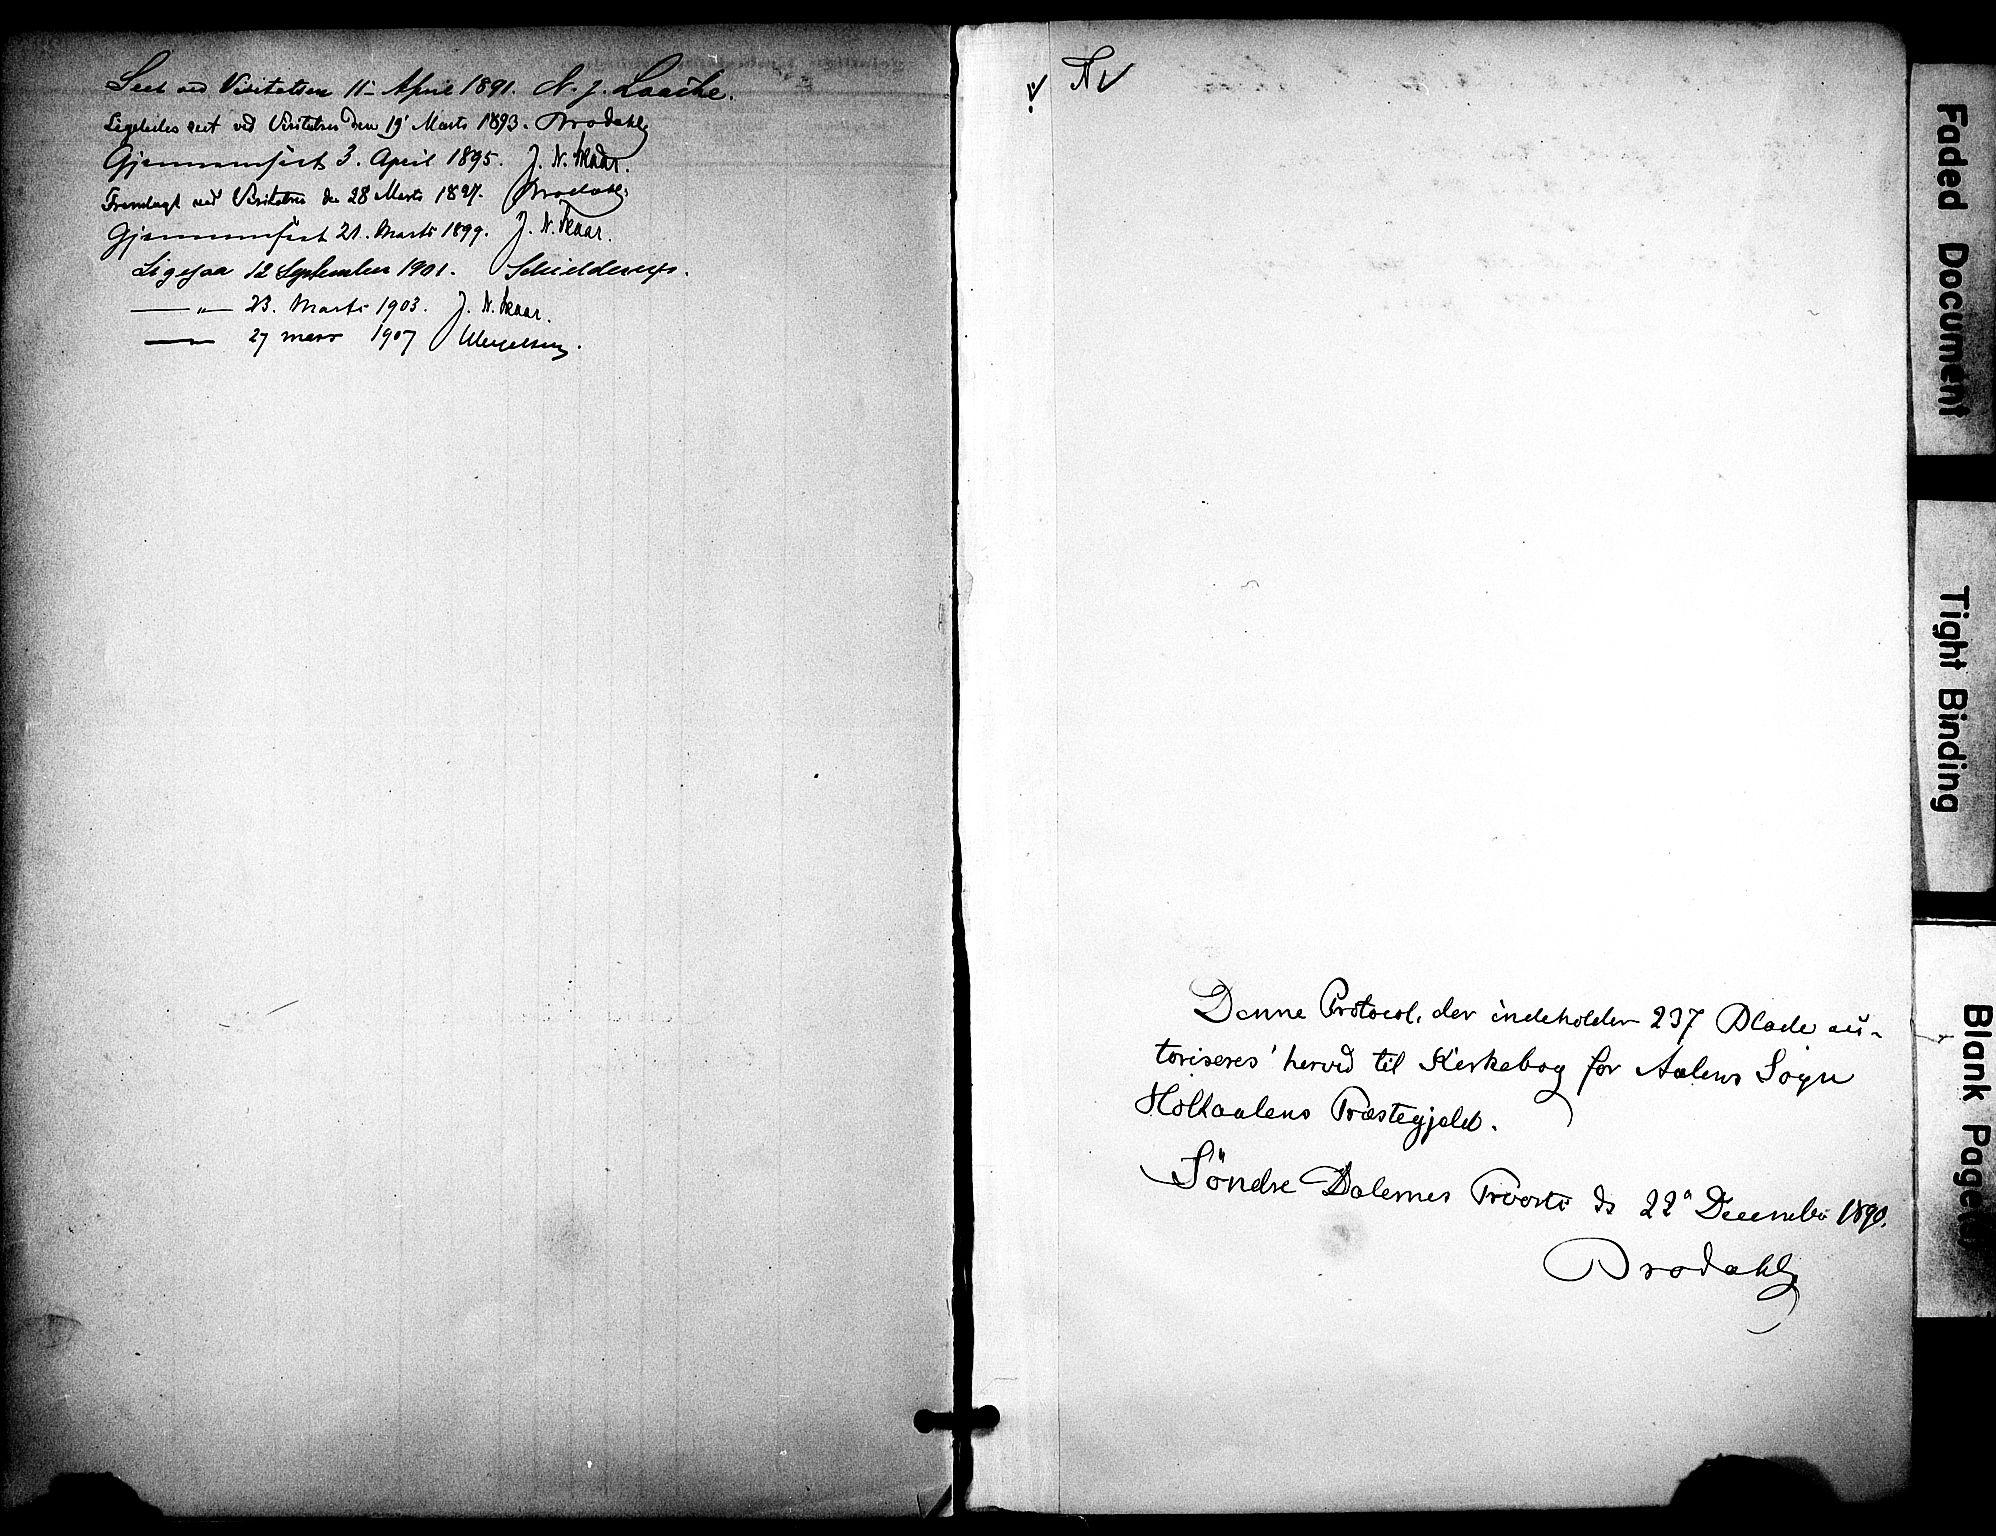 SAT, Ministerialprotokoller, klokkerbøker og fødselsregistre - Sør-Trøndelag, 686/L0984: Ministerialbok nr. 686A02, 1891-1906